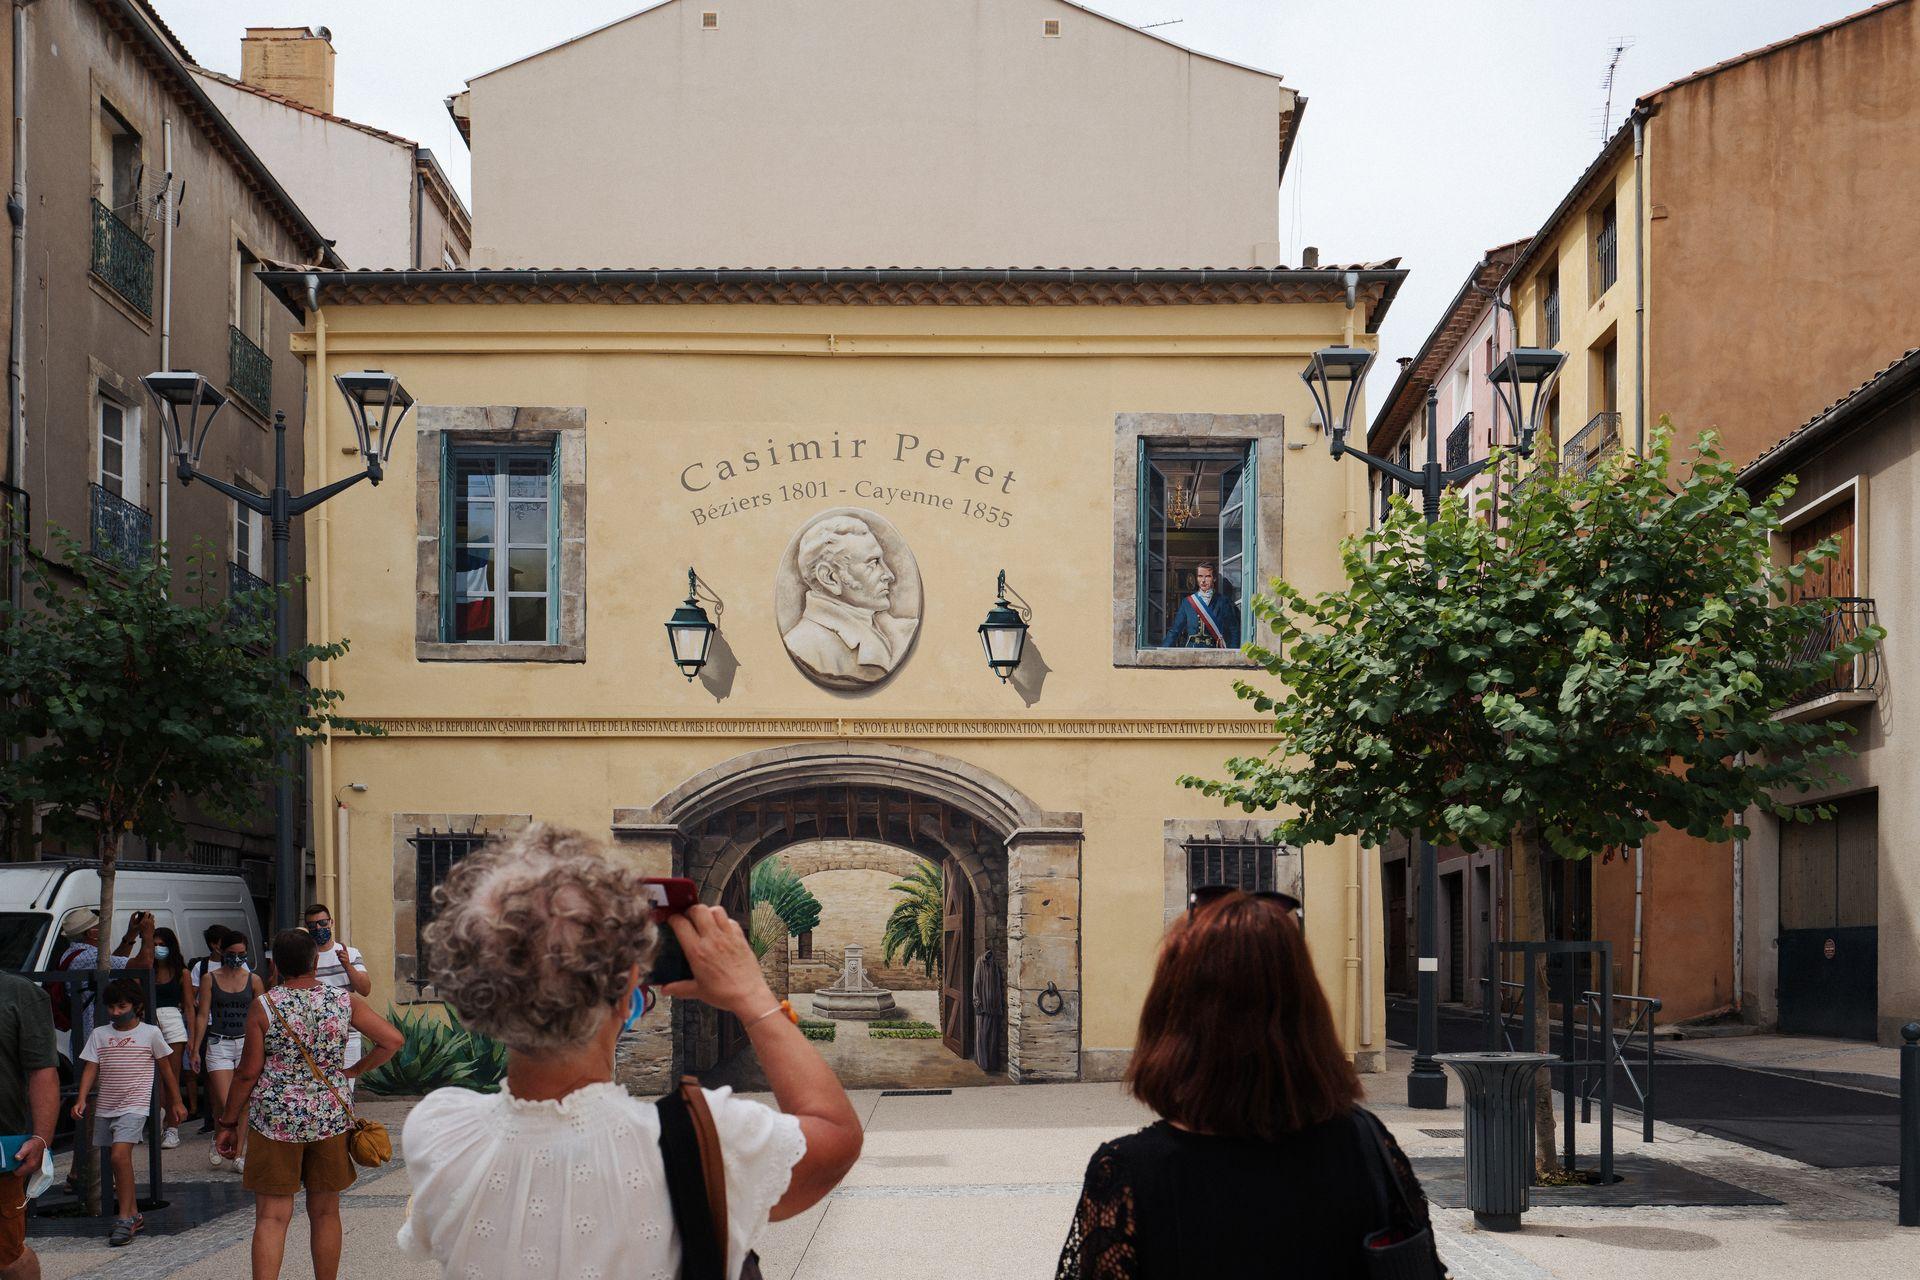 Trompes l'œil à Béziers